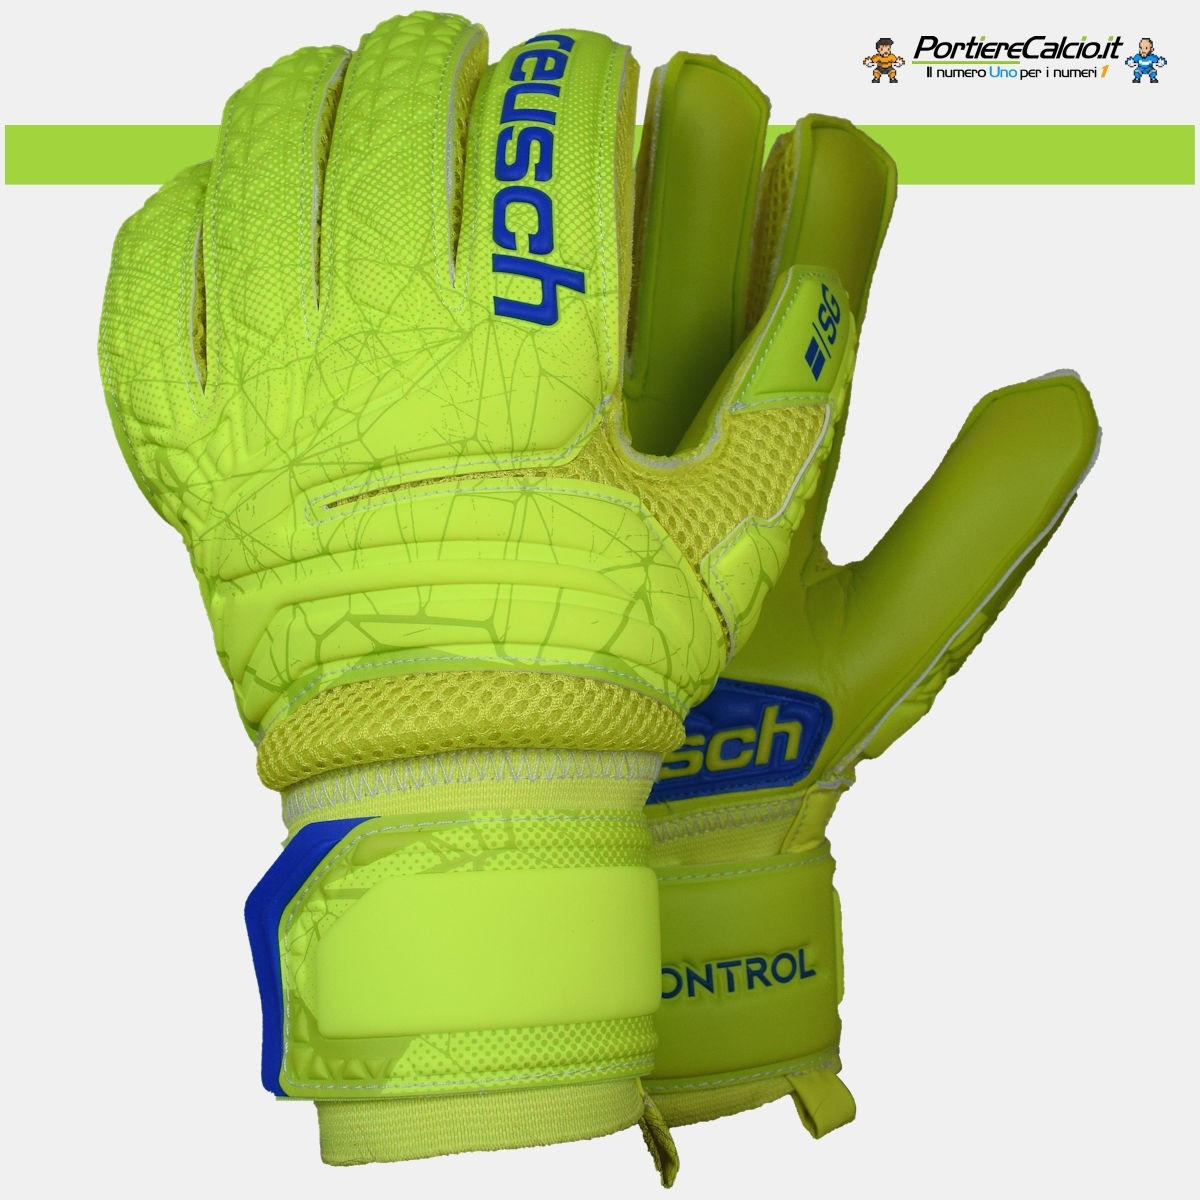 Guanti da portiere Reusch Fit Control SG Extra Finger Support su ... 3f6e1c04f5c4